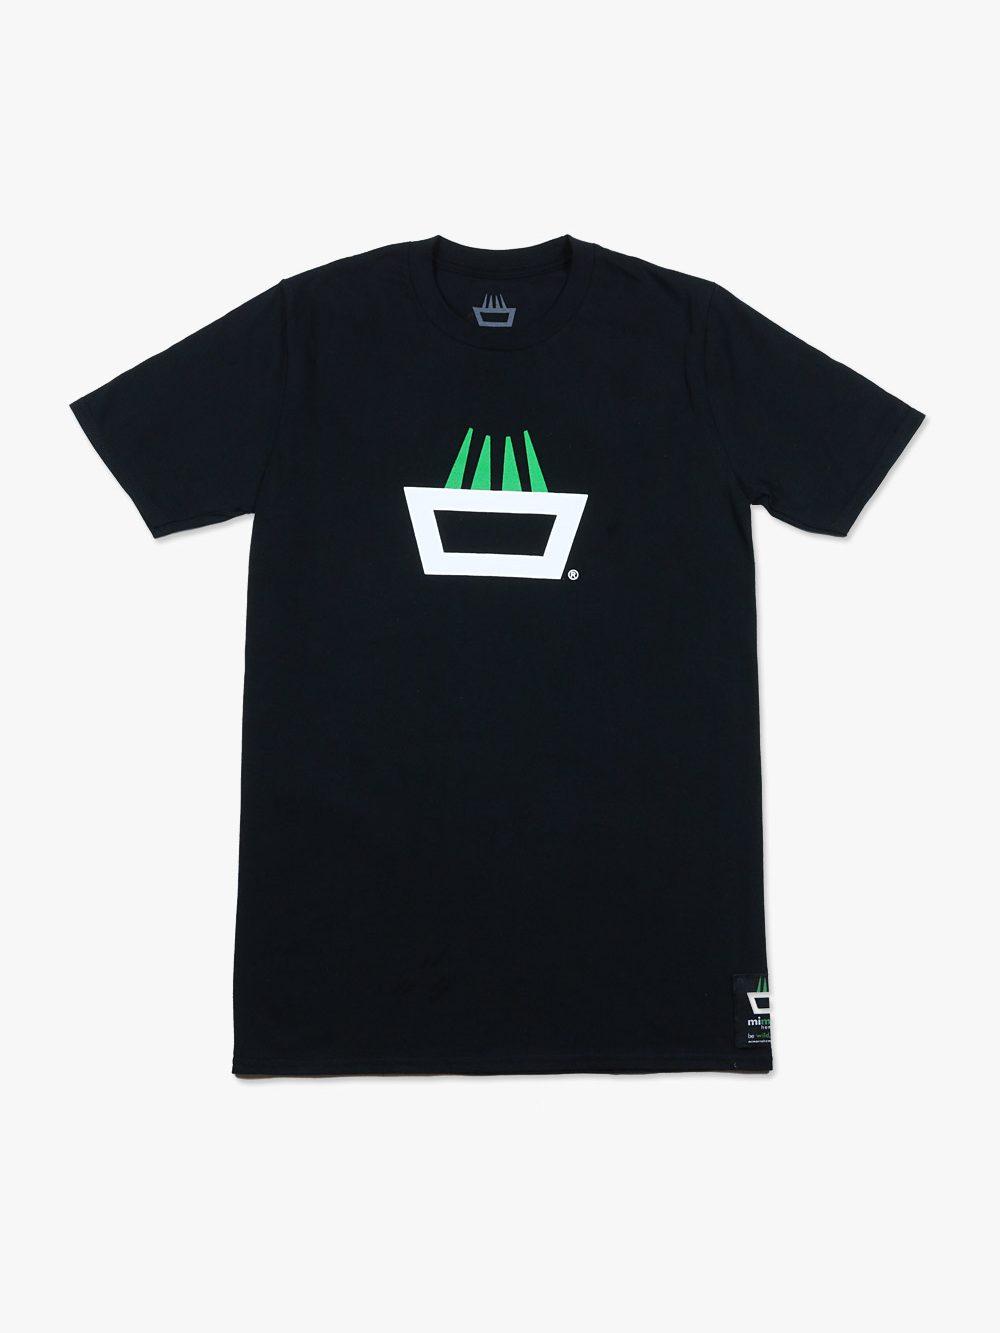 Camiseta mimaría hempworks classic color negro